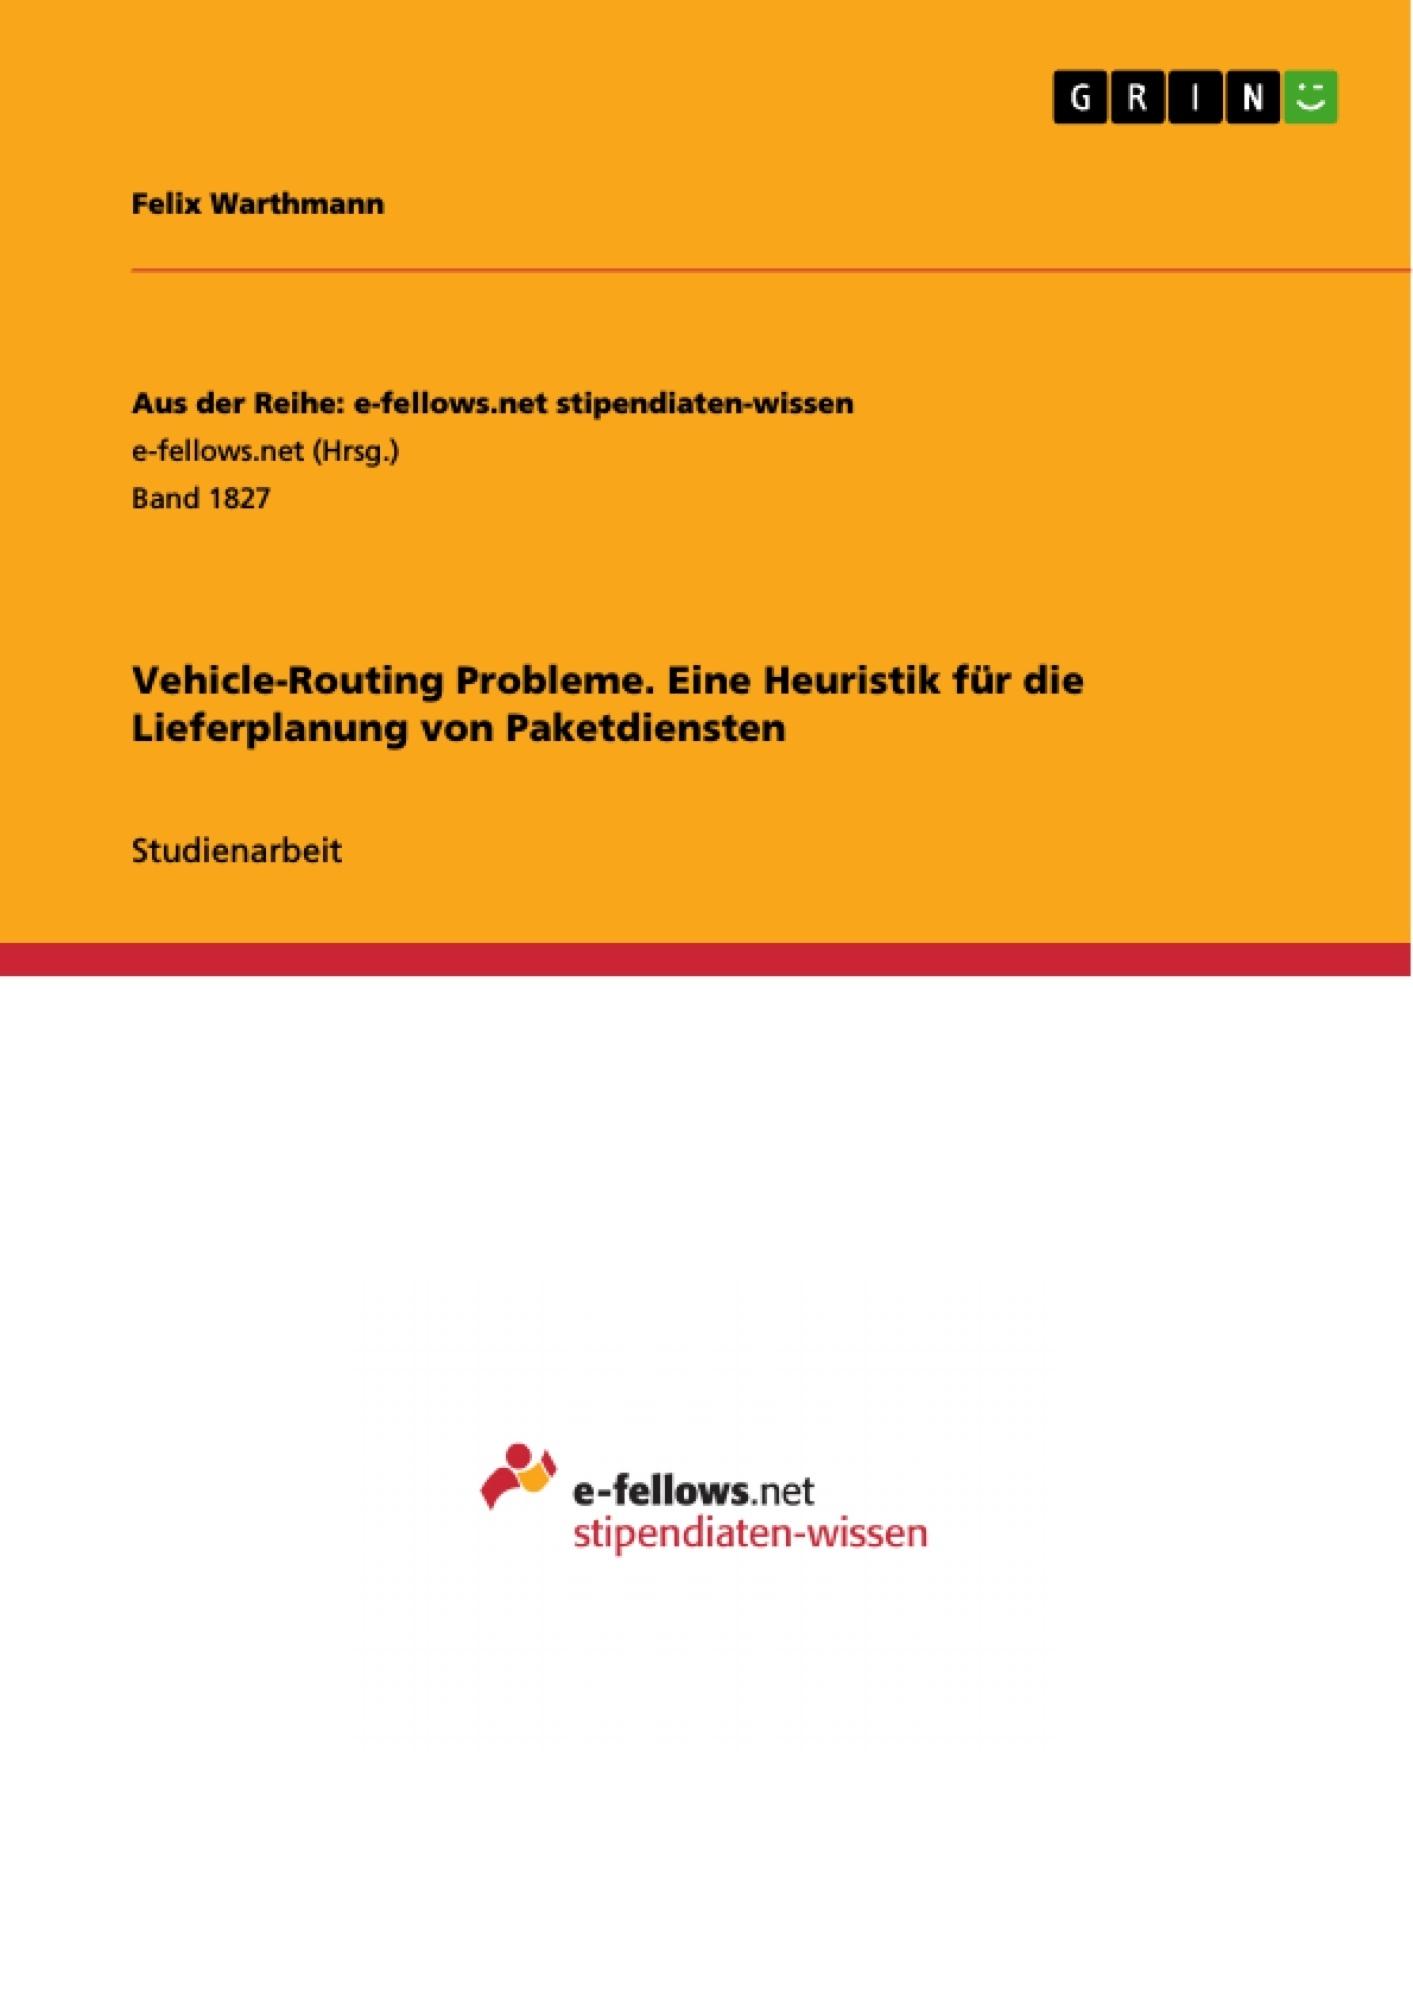 Titel: Vehicle-Routing Probleme. Eine Heuristik für die Lieferplanung von Paketdiensten